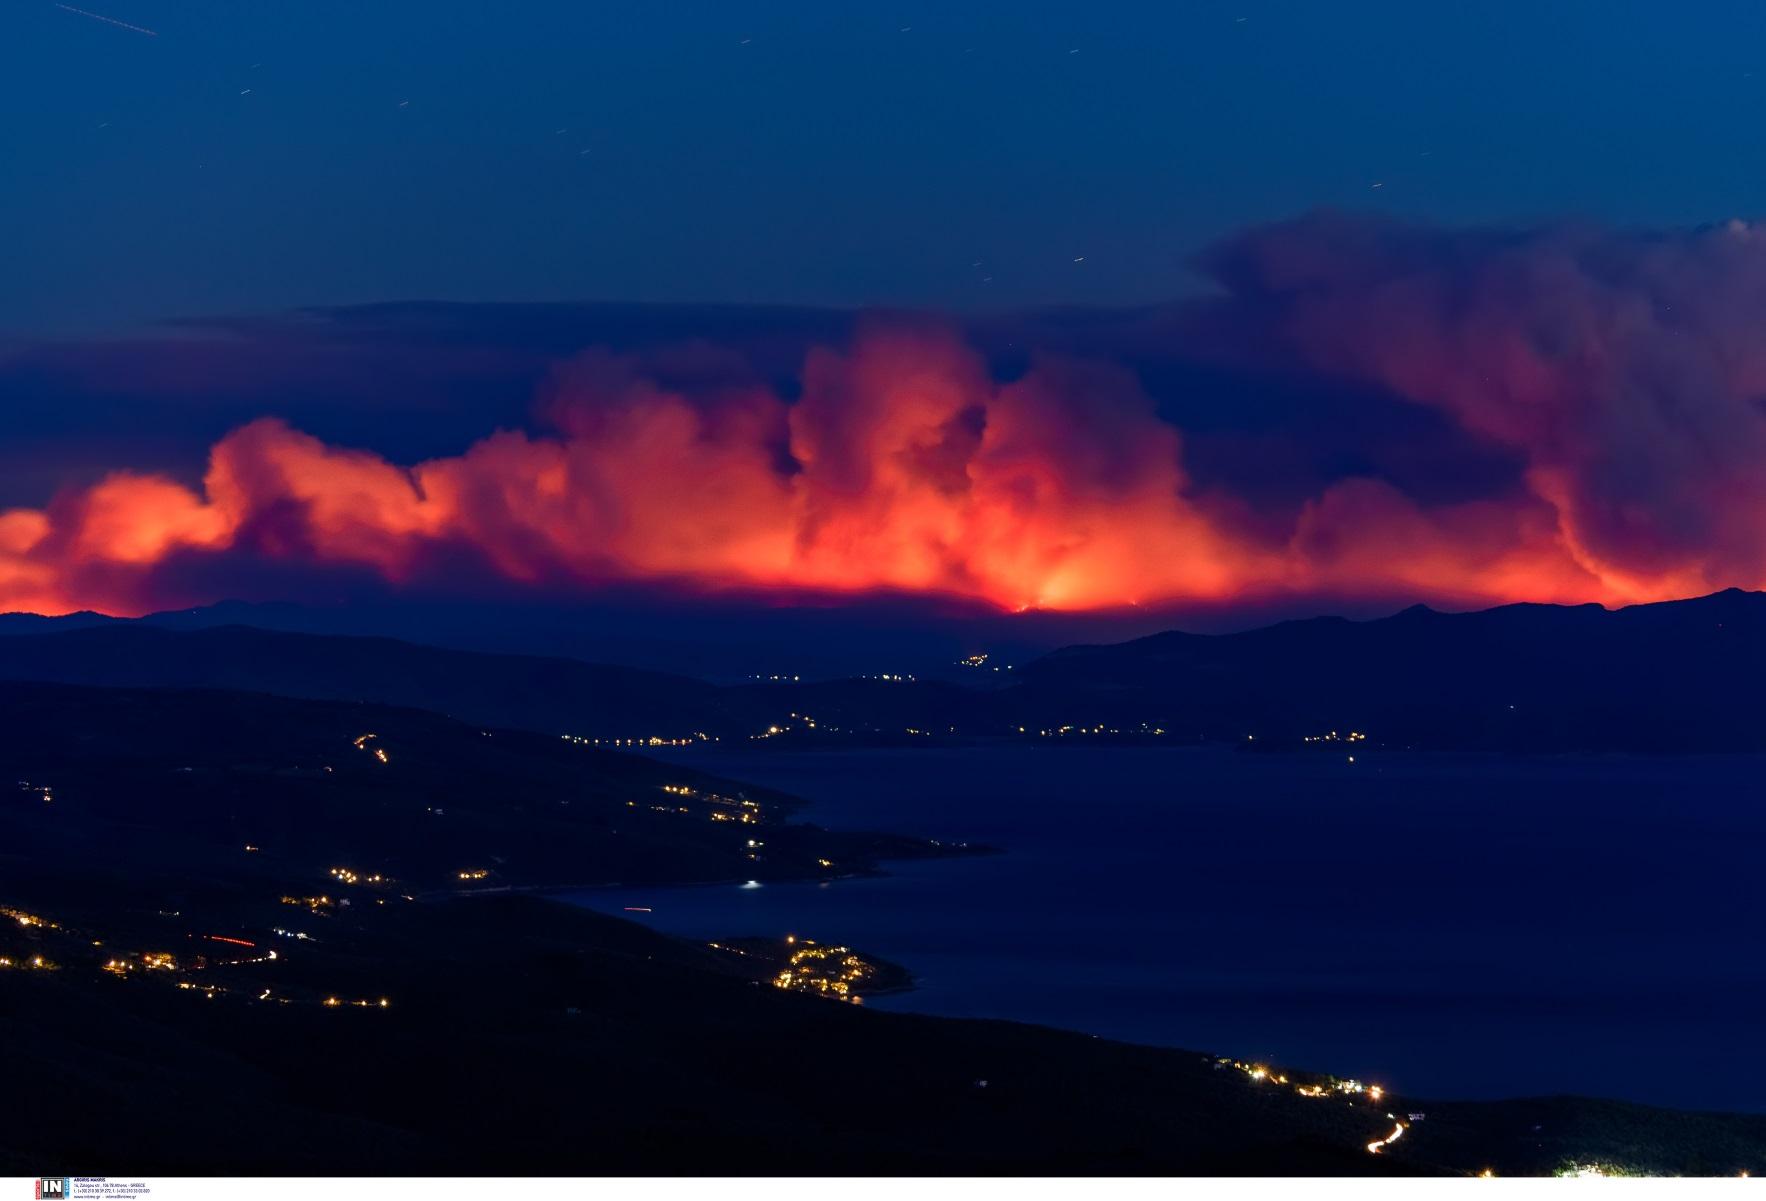 Φωτιές – Πολιτική Προστασία: Για ποιες περιοχές υπάρχει υψηλός κίνδυνος την Τετάρτη 18/08